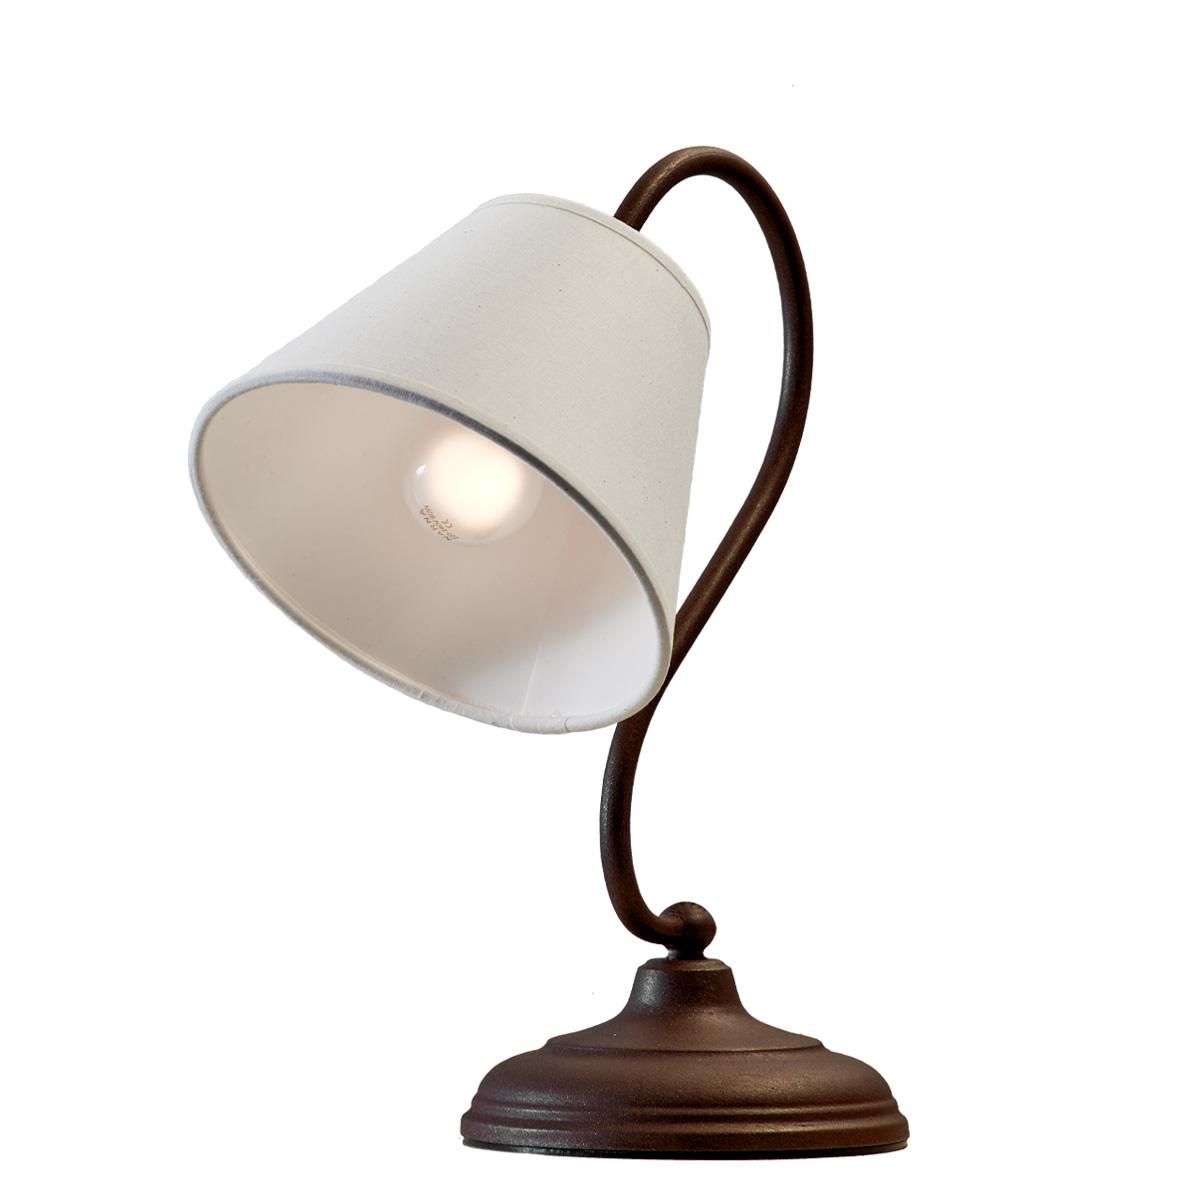 Ρουστίκ επιτραπέζιο φωτιστικό σε καφέ πατίνα ΝΑΞΟΣ-2 brown patinated table lamp